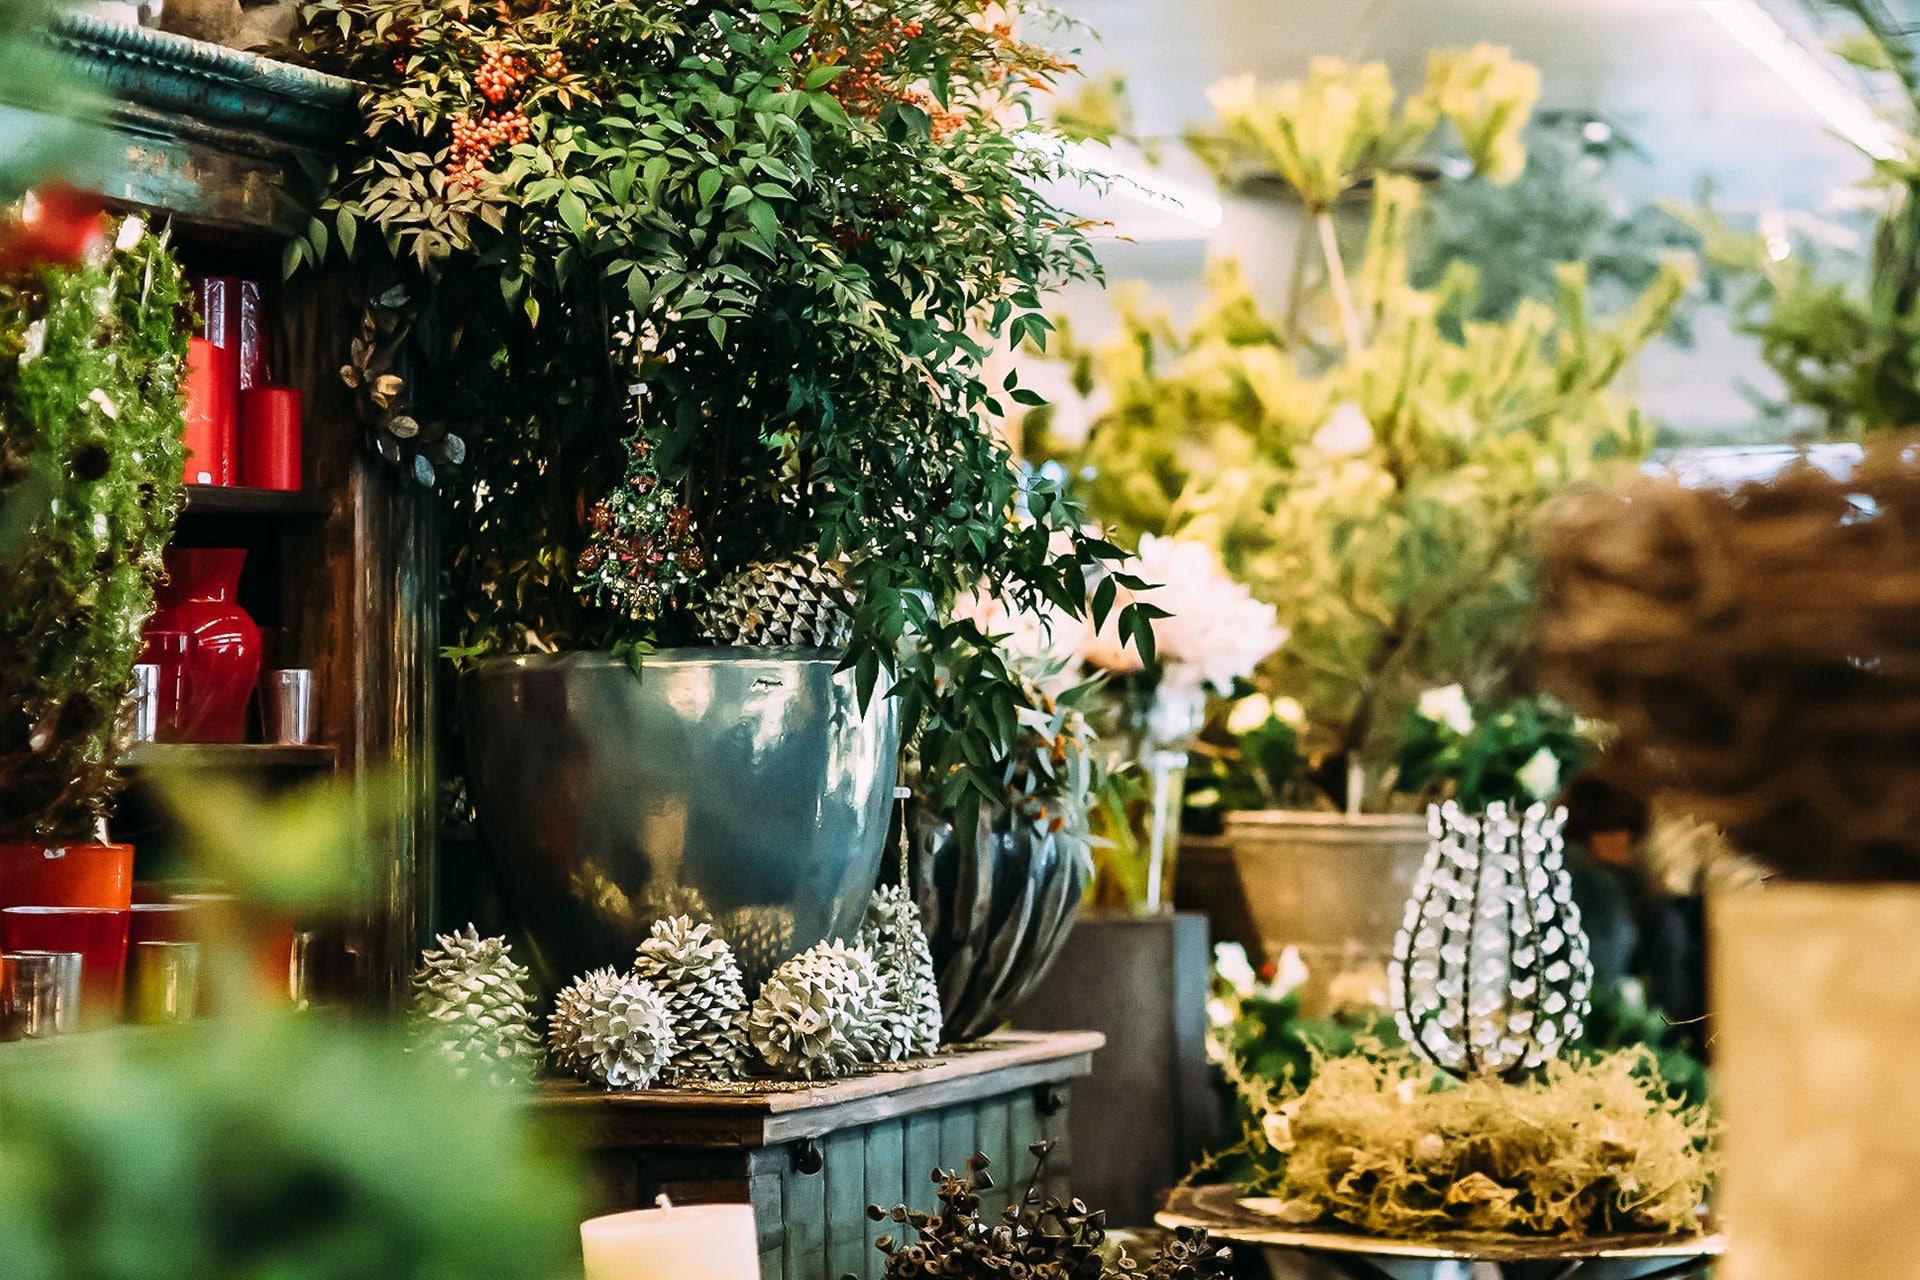 Weihnachtliche Dekorationen und Pflanzen